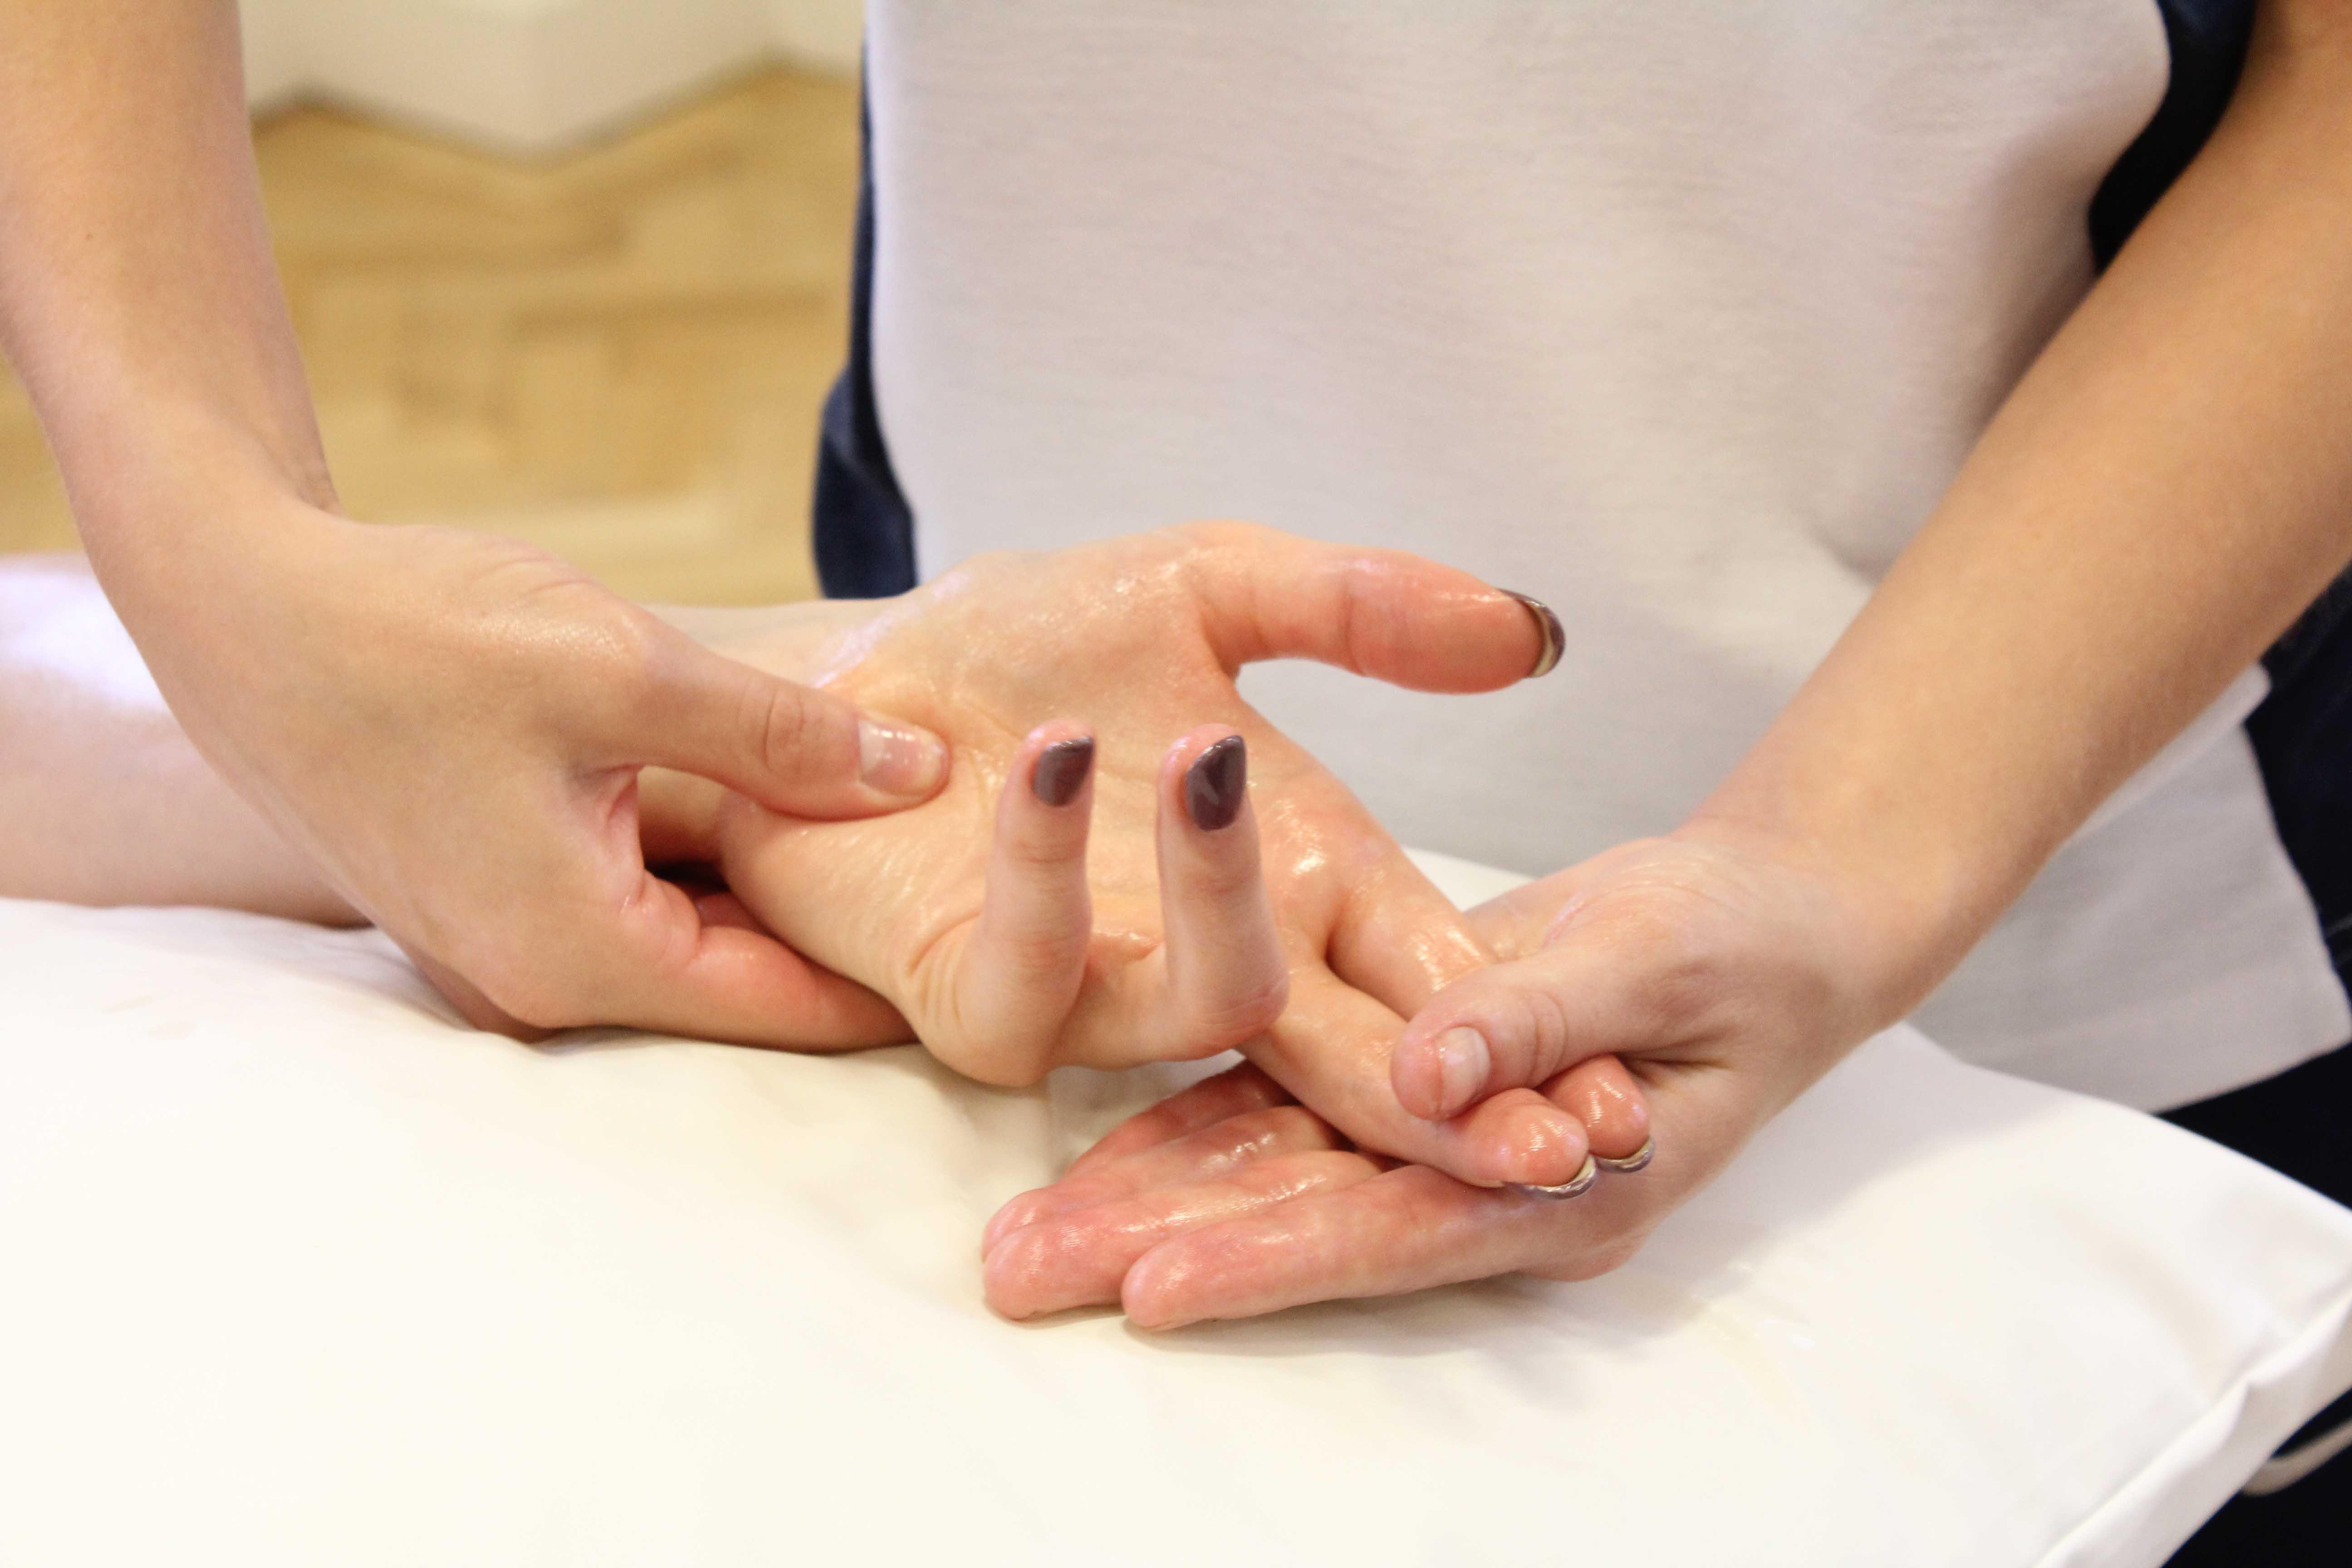 Stretched finger anus